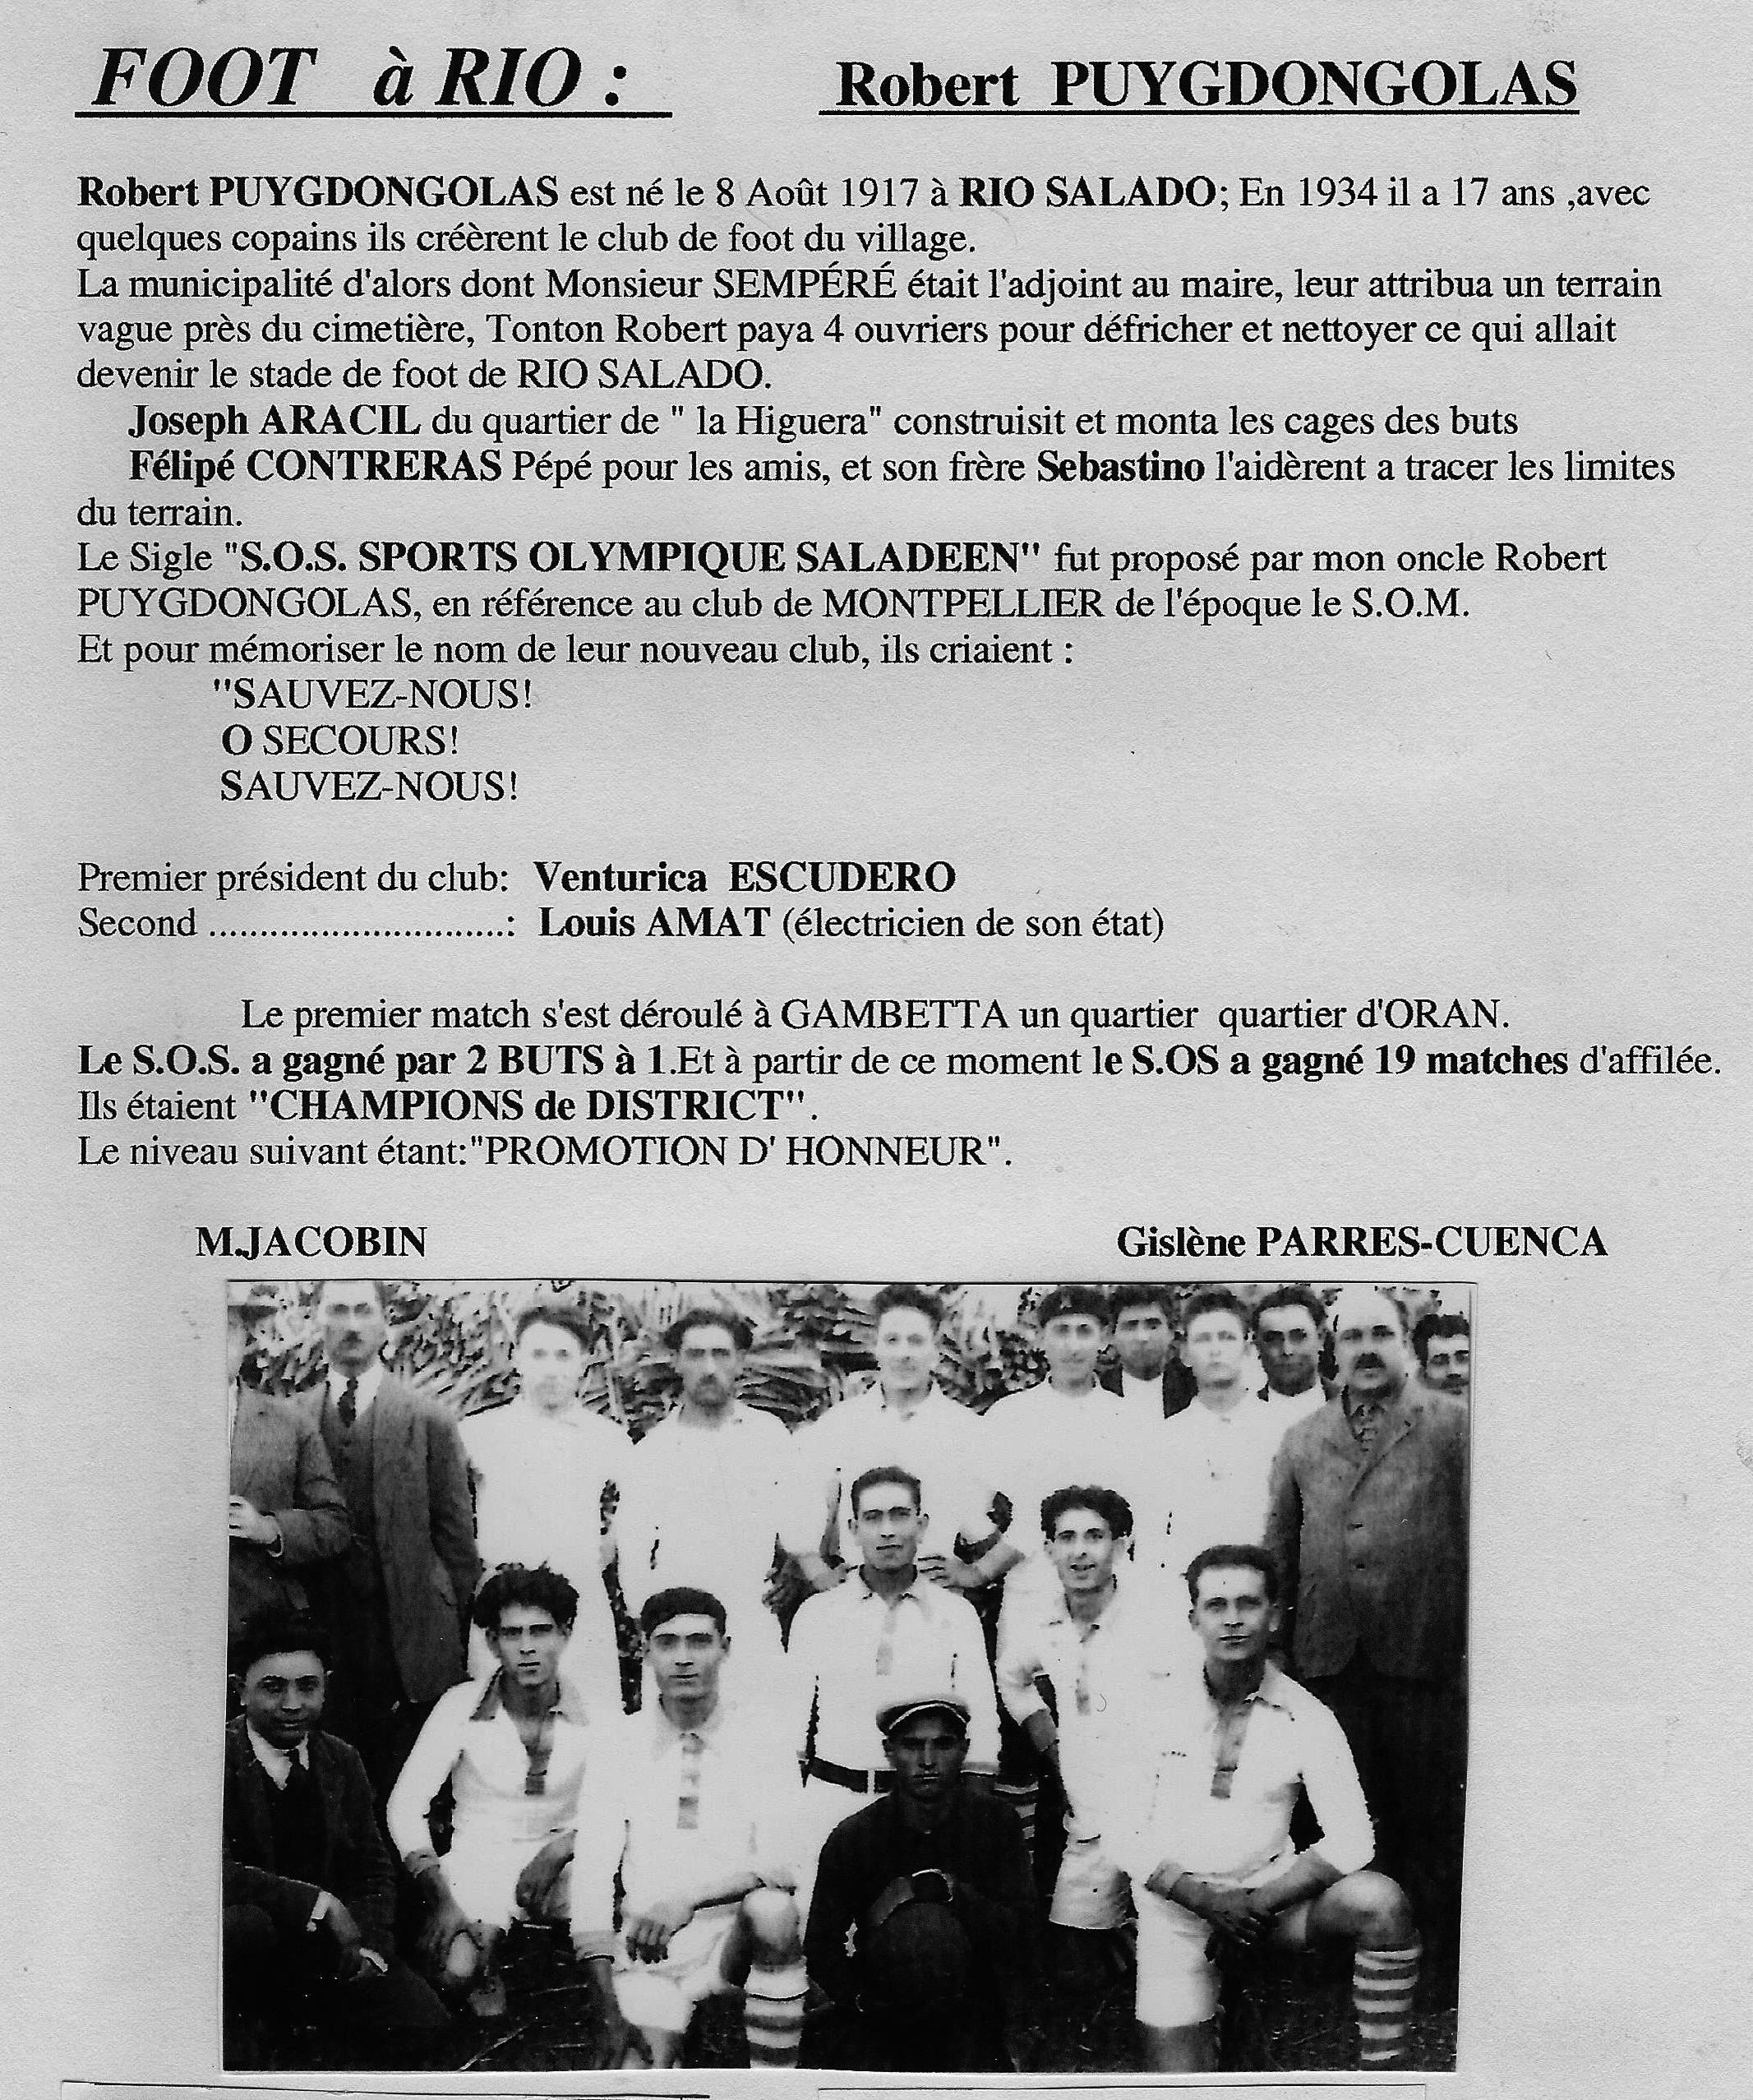 TExte G Parres -CUENCA